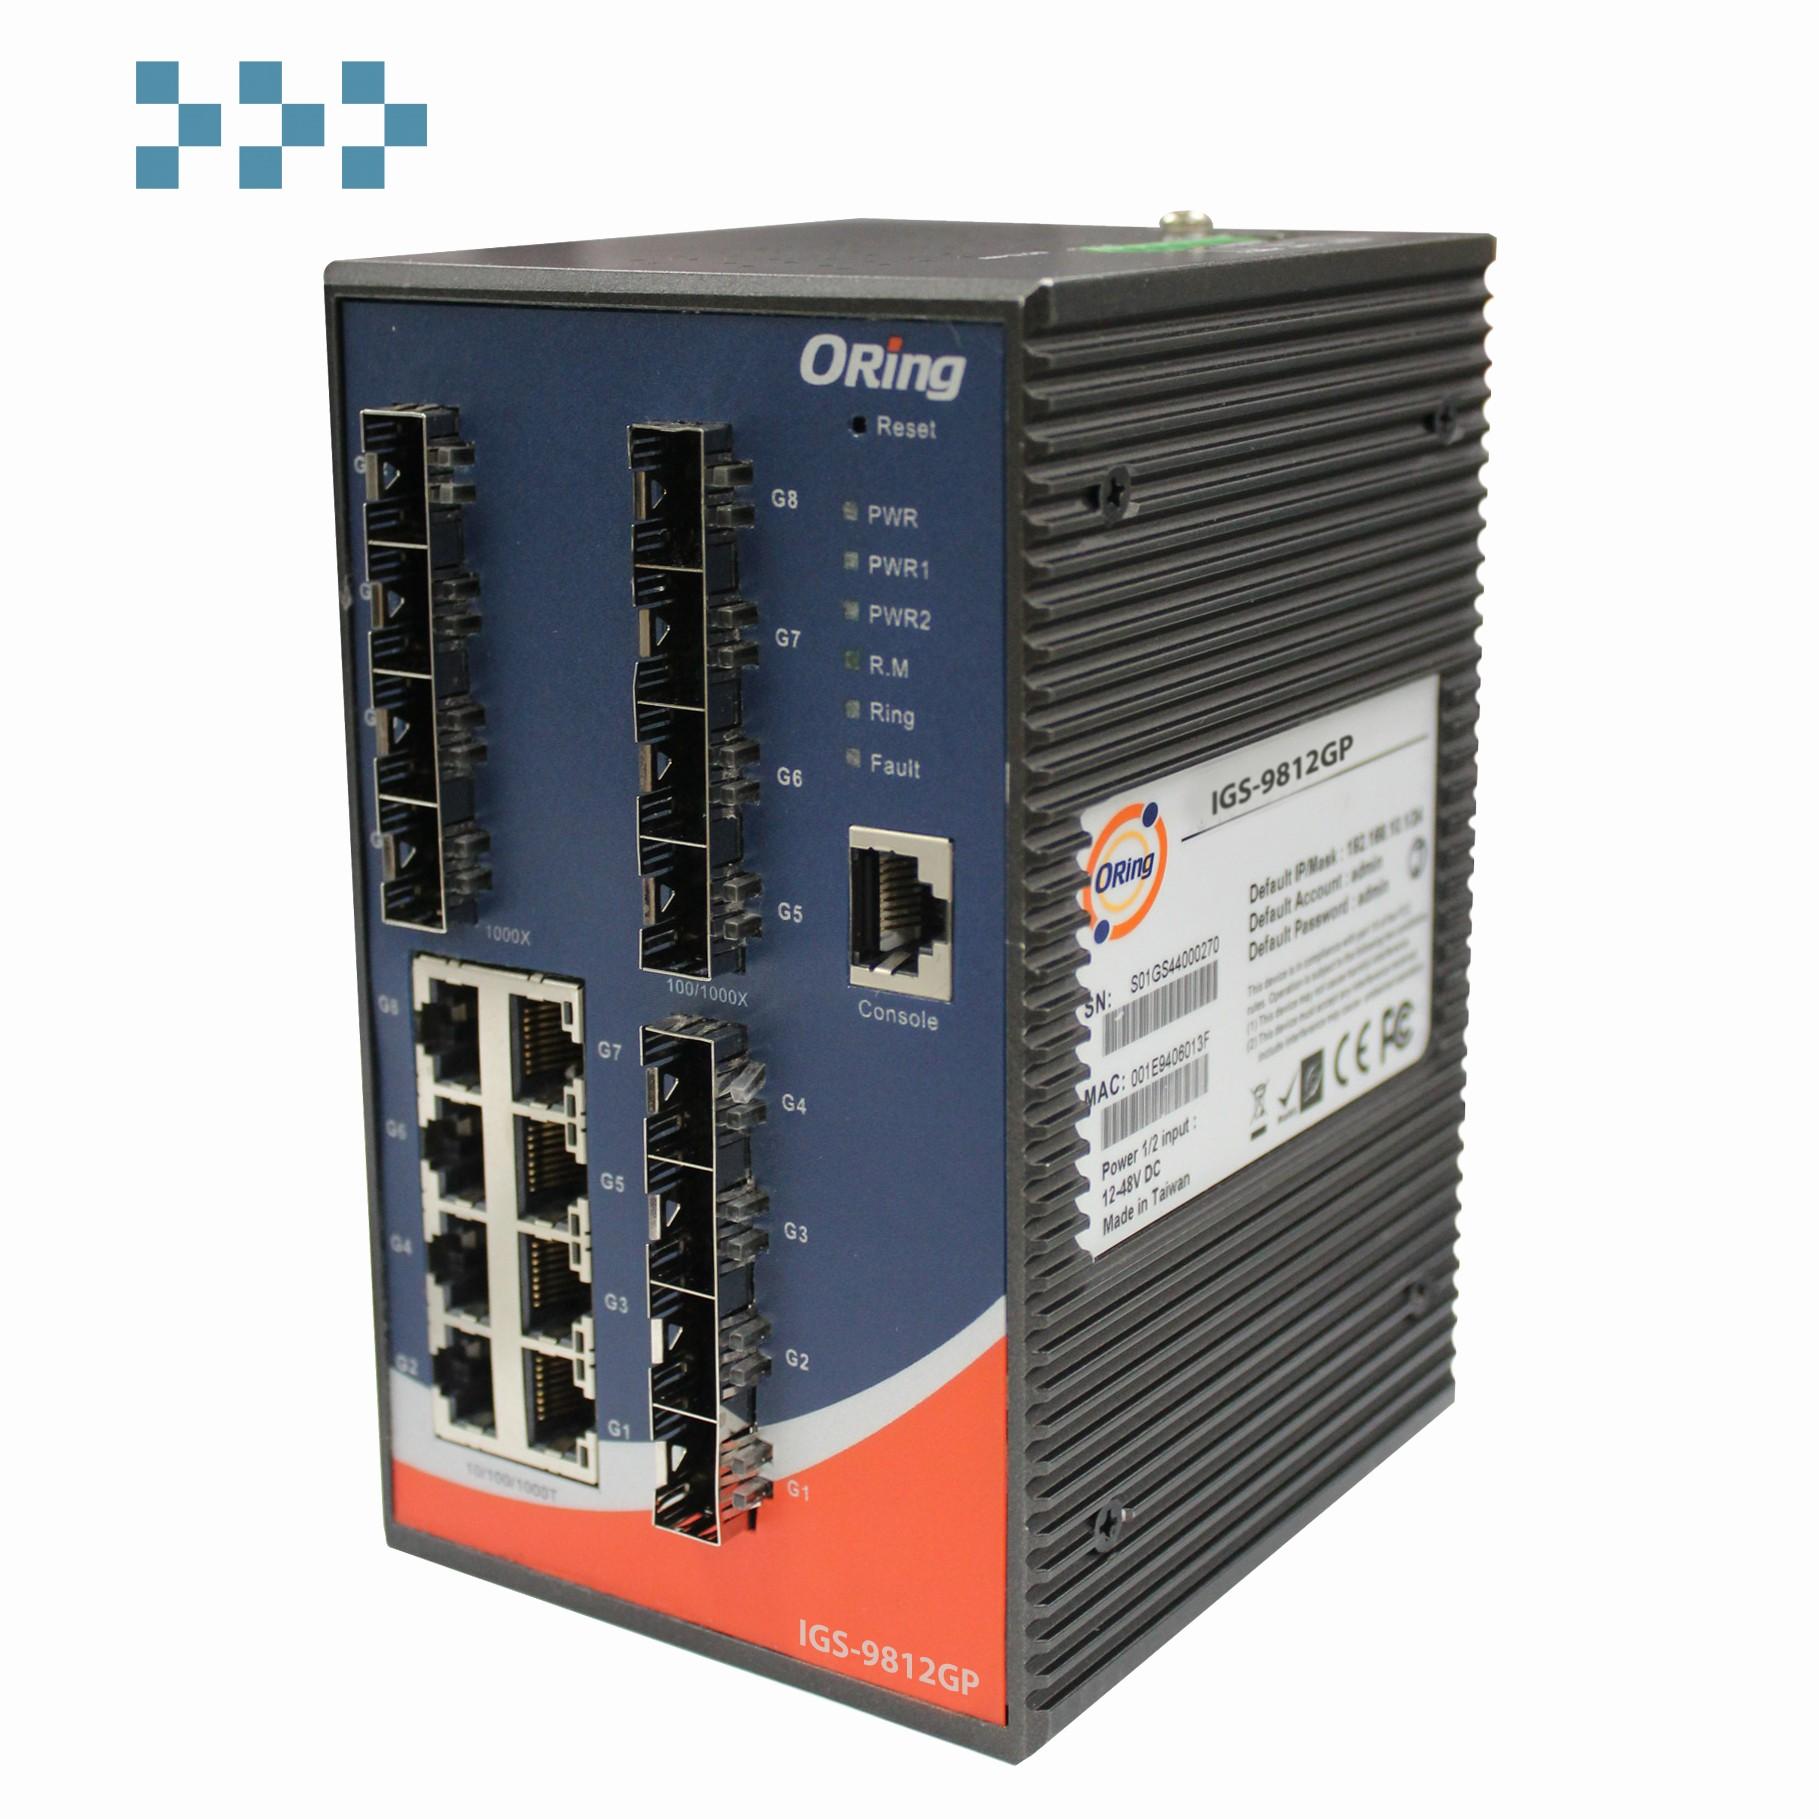 Промышленный коммутатор ORing IGS-9812GP